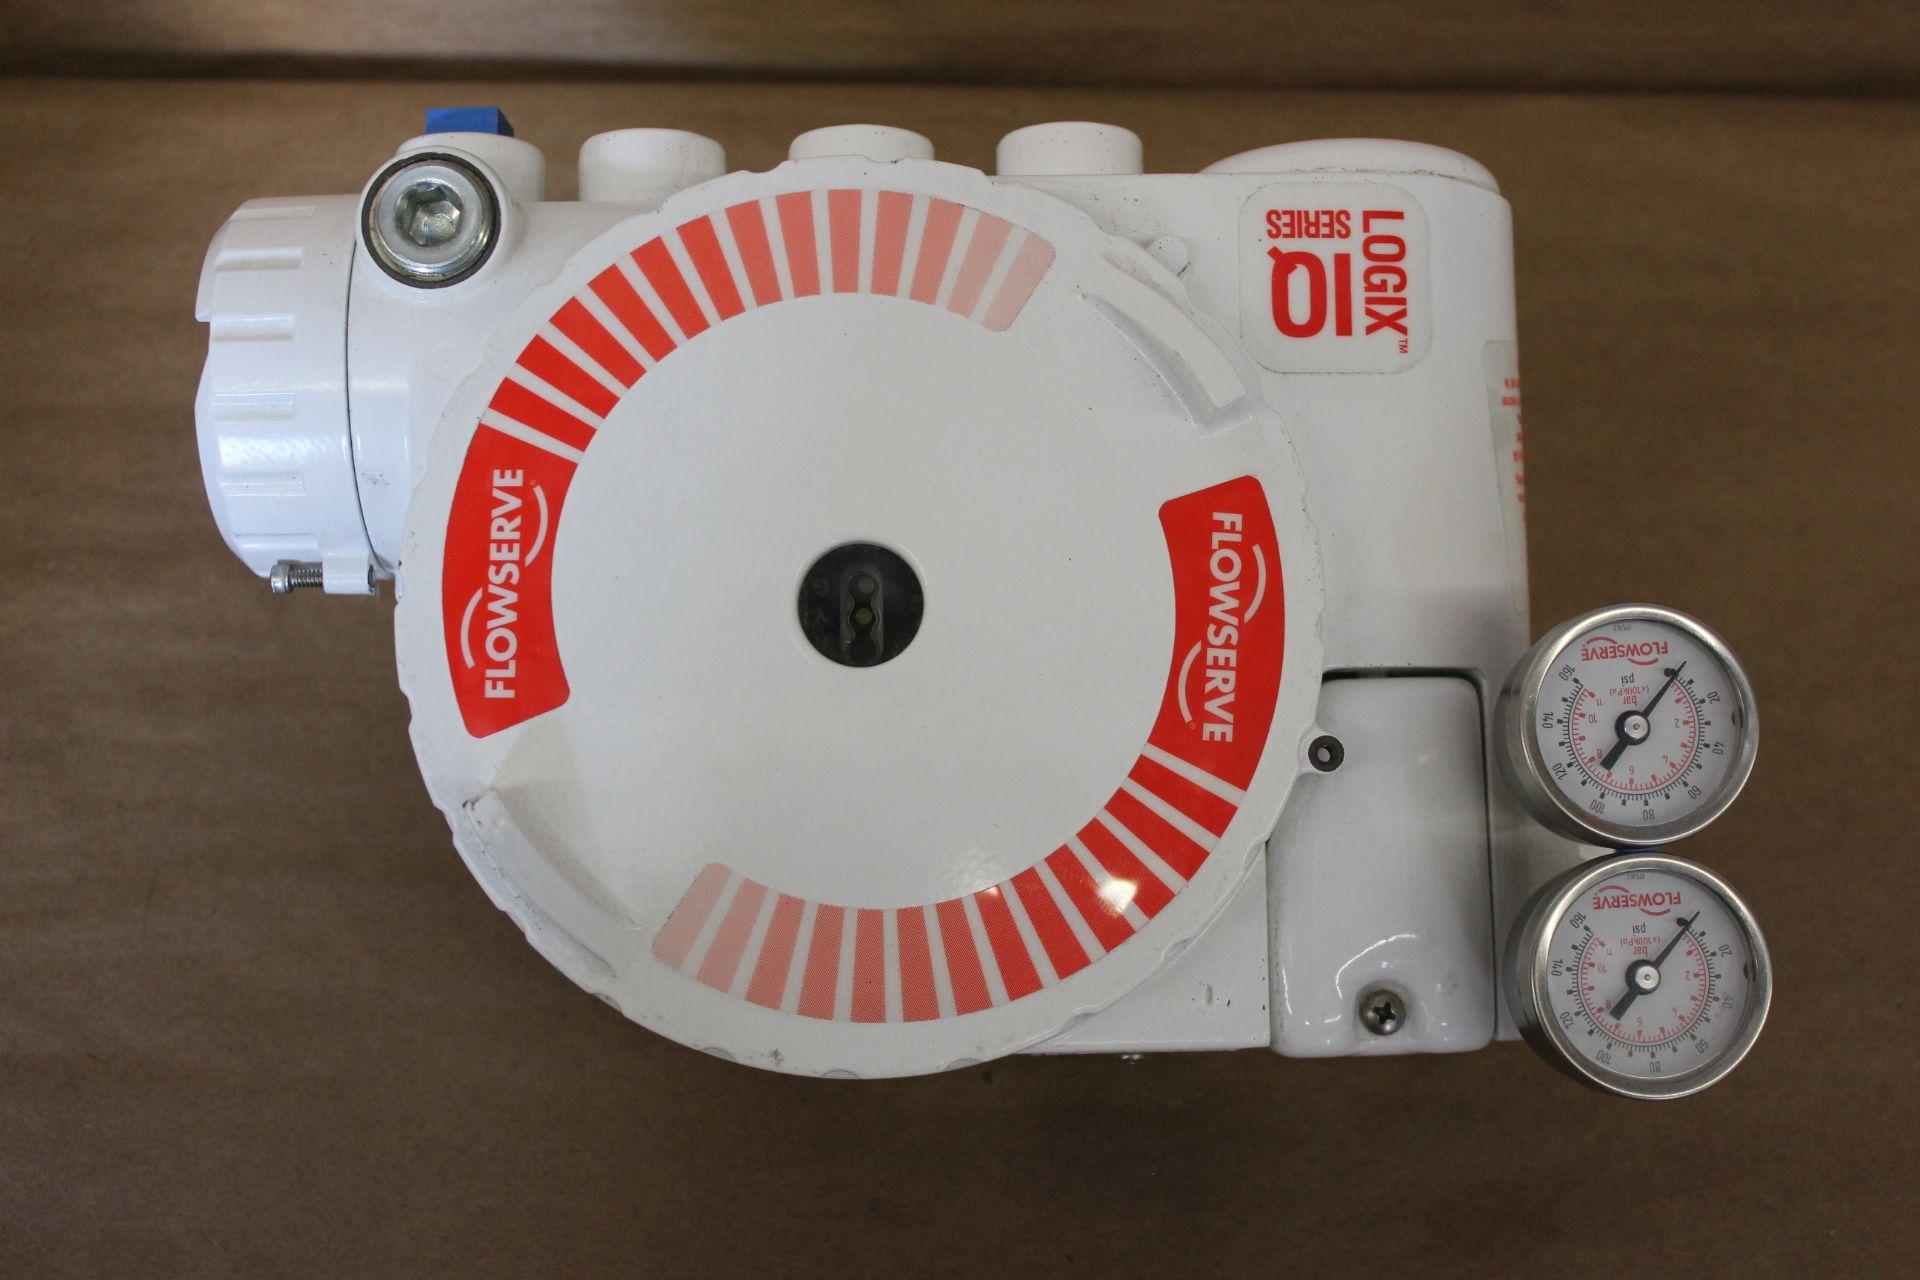 NEW FLOWSERVE LOGIX IQ DIGITAL POSITIONER - Image 4 of 8